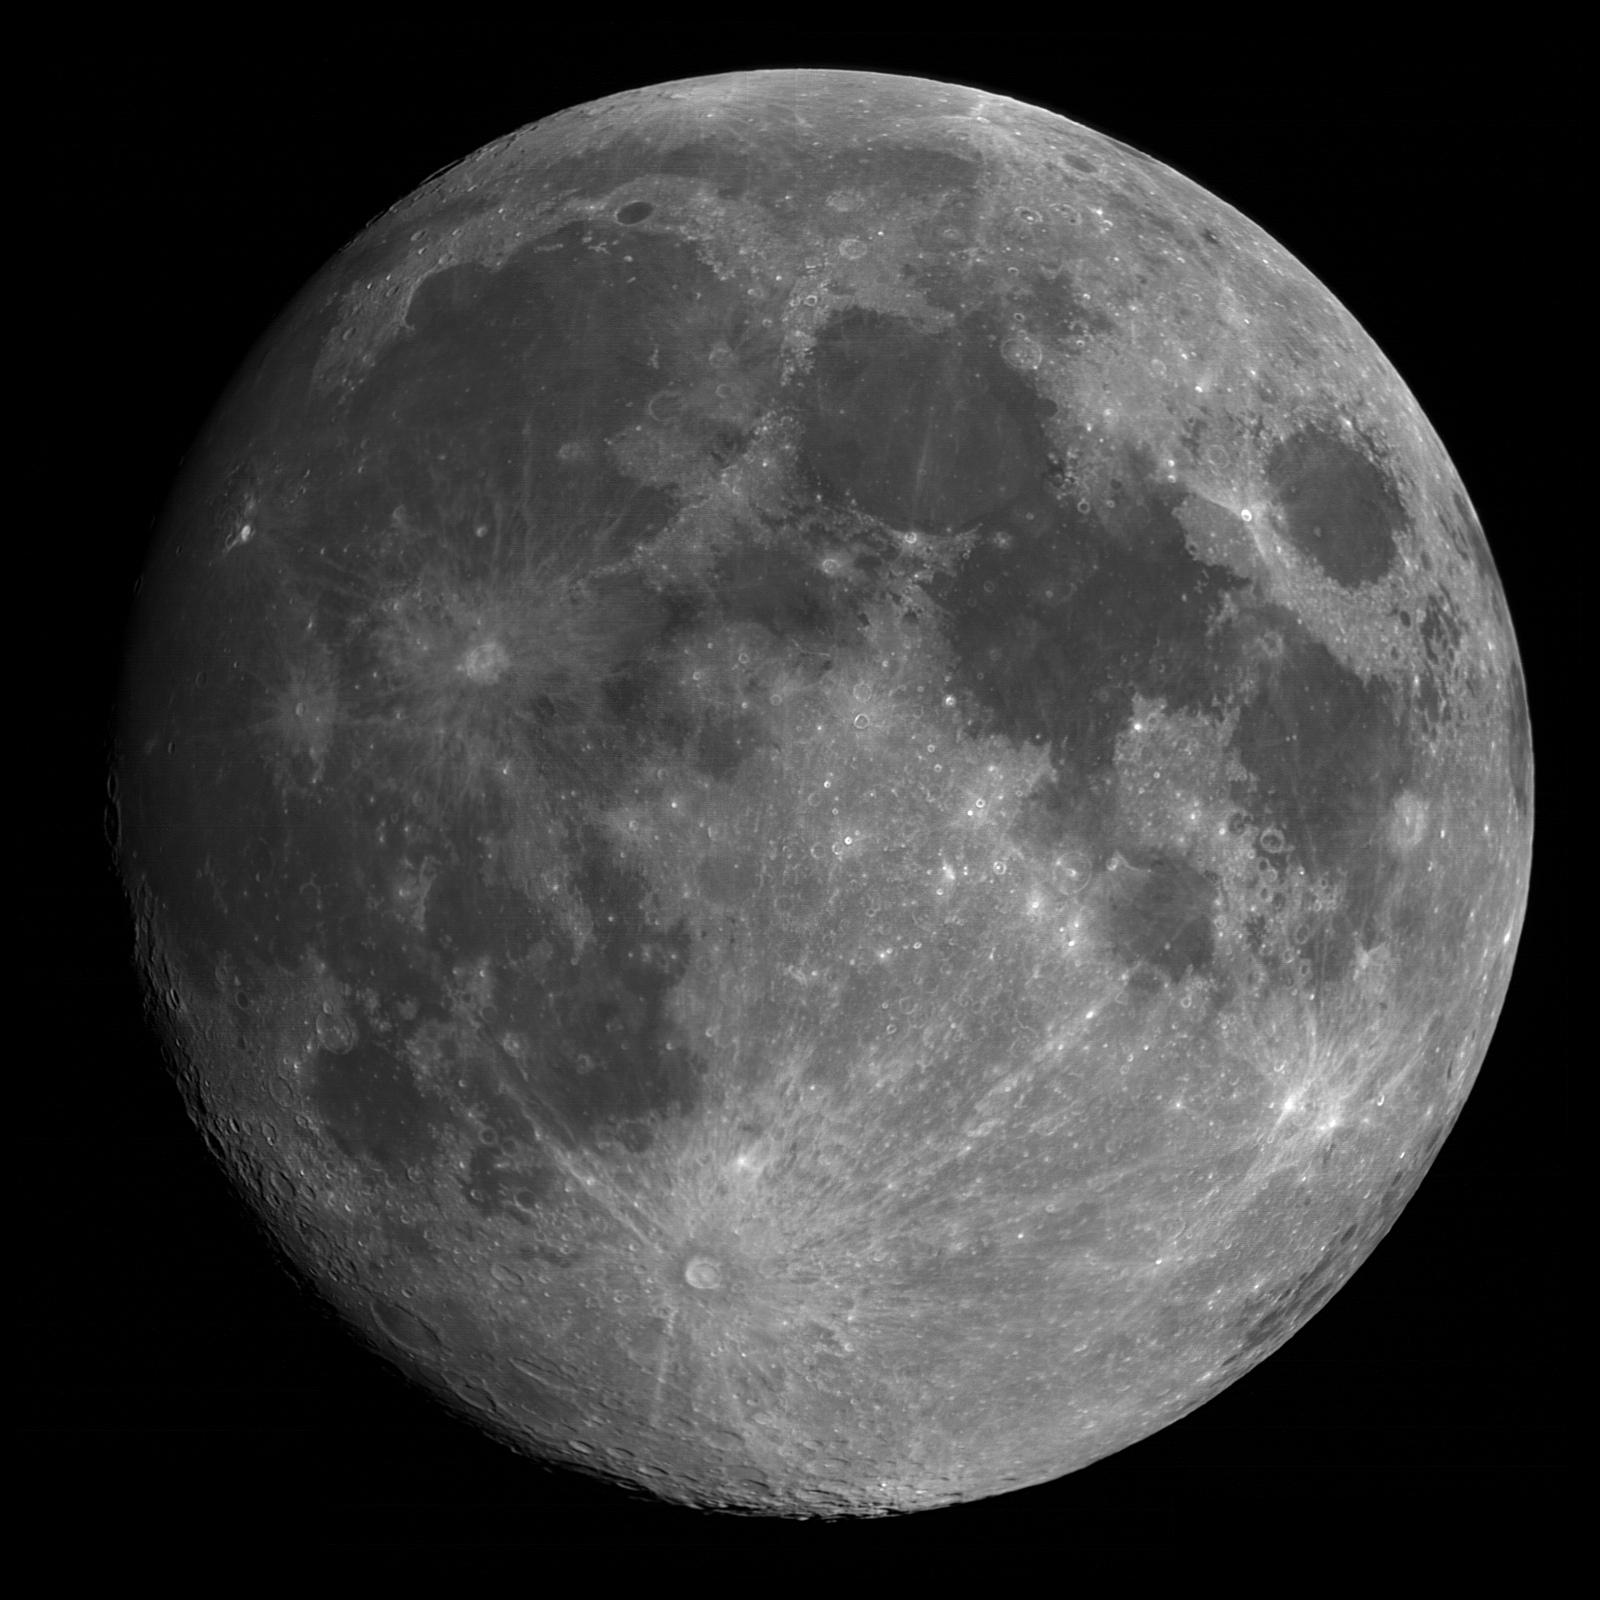 lune_2019_06_15.jpg.431d998cccbfe8dbd8dd8e119f39acaa.jpg